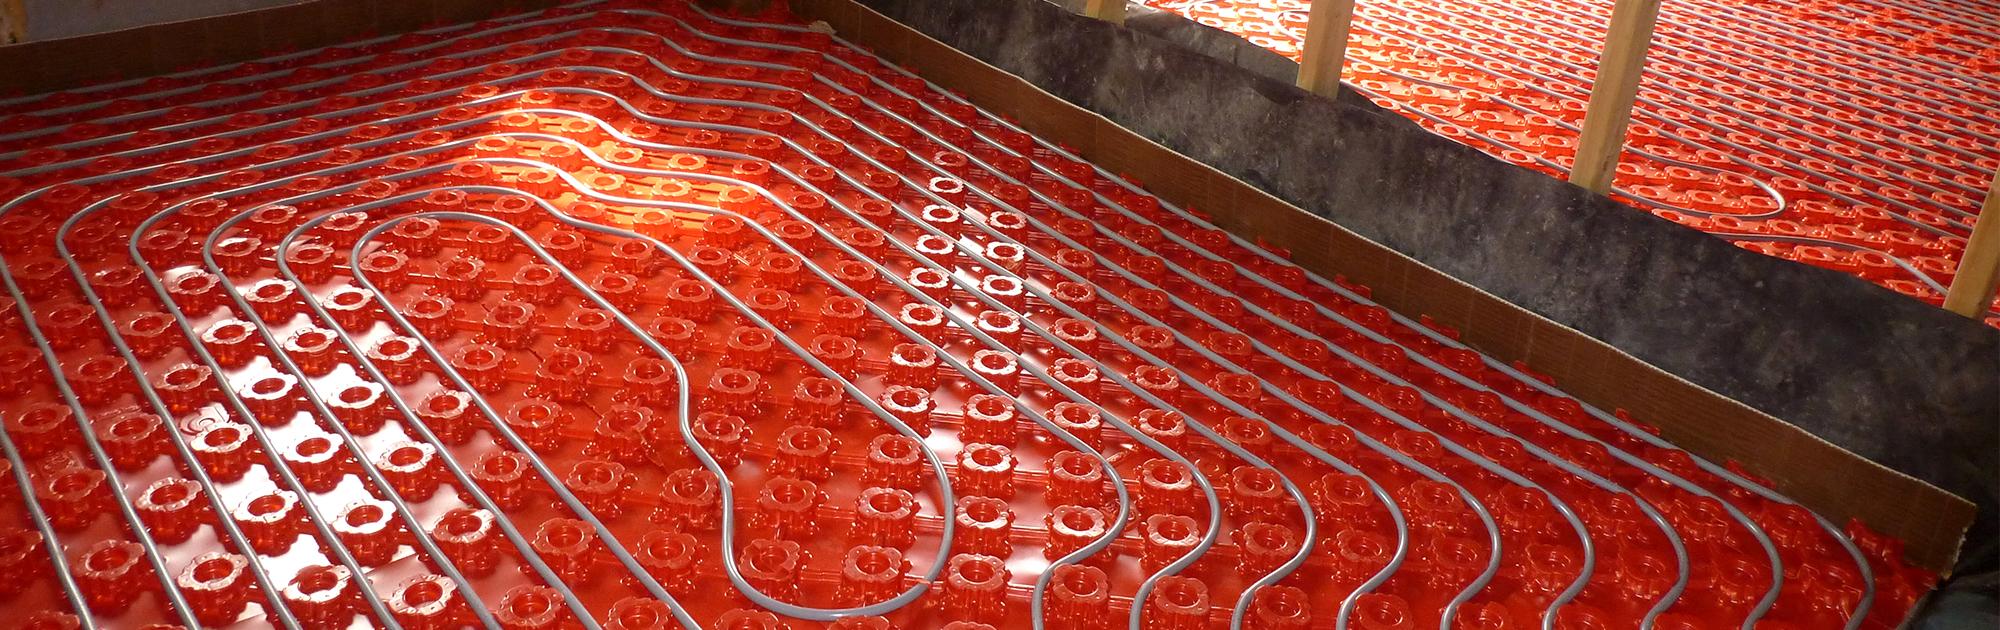 Underfloor Heating Premier Heating